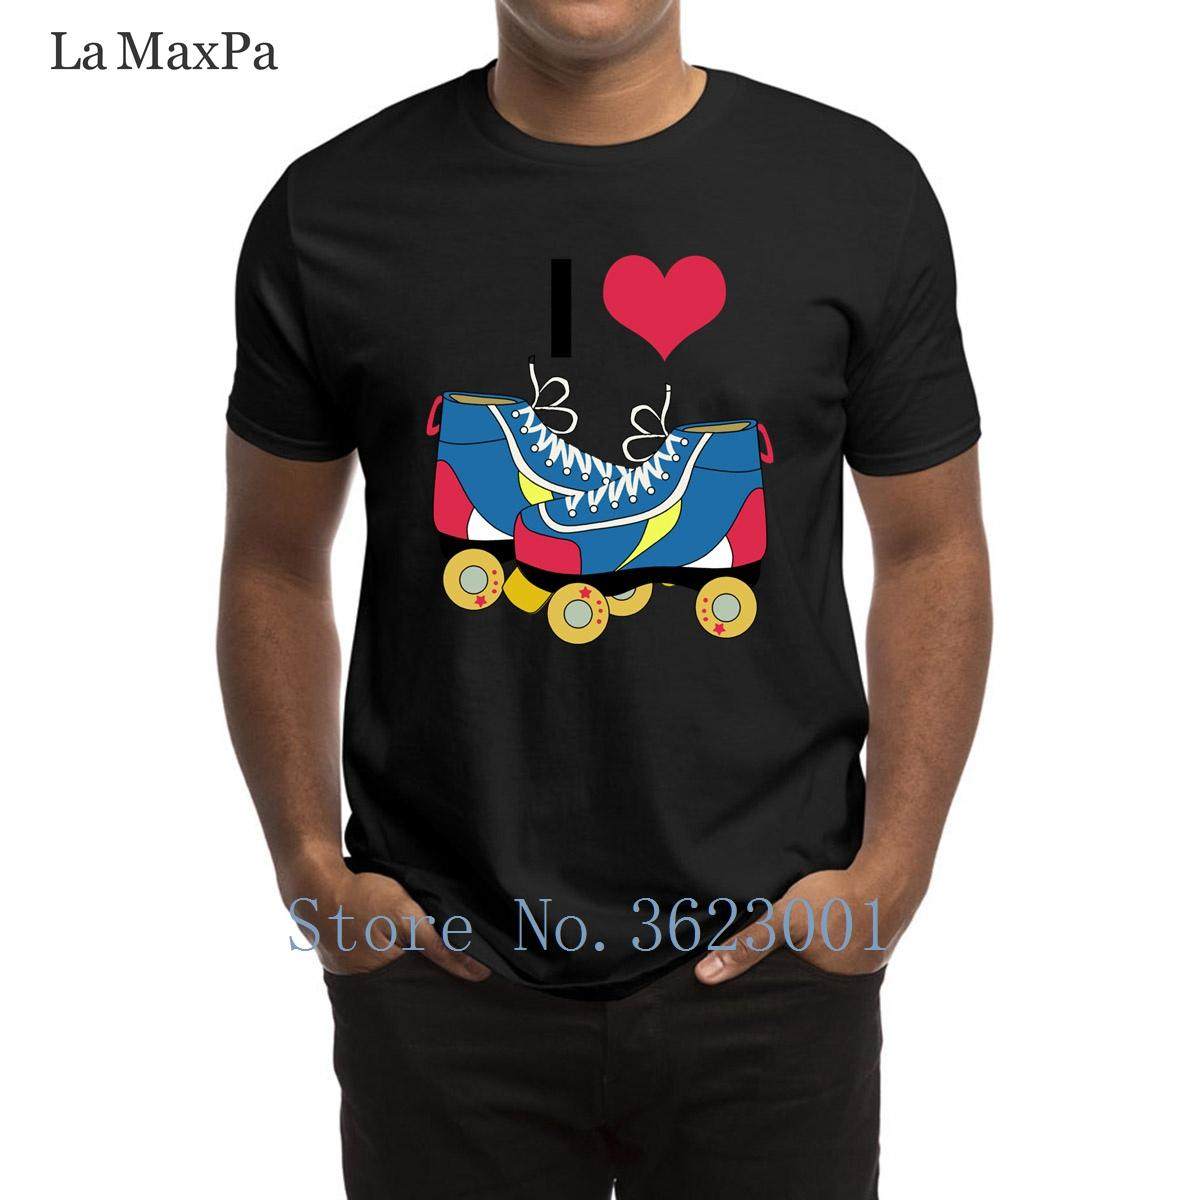 Entwirft Weinlese-T-Shirt I Heart Roller Skates T-Shirt Mann Sonderbare Male Männer-T-Shirt Mode Große Größen-T-Shirt Mann Pop-Spitze T